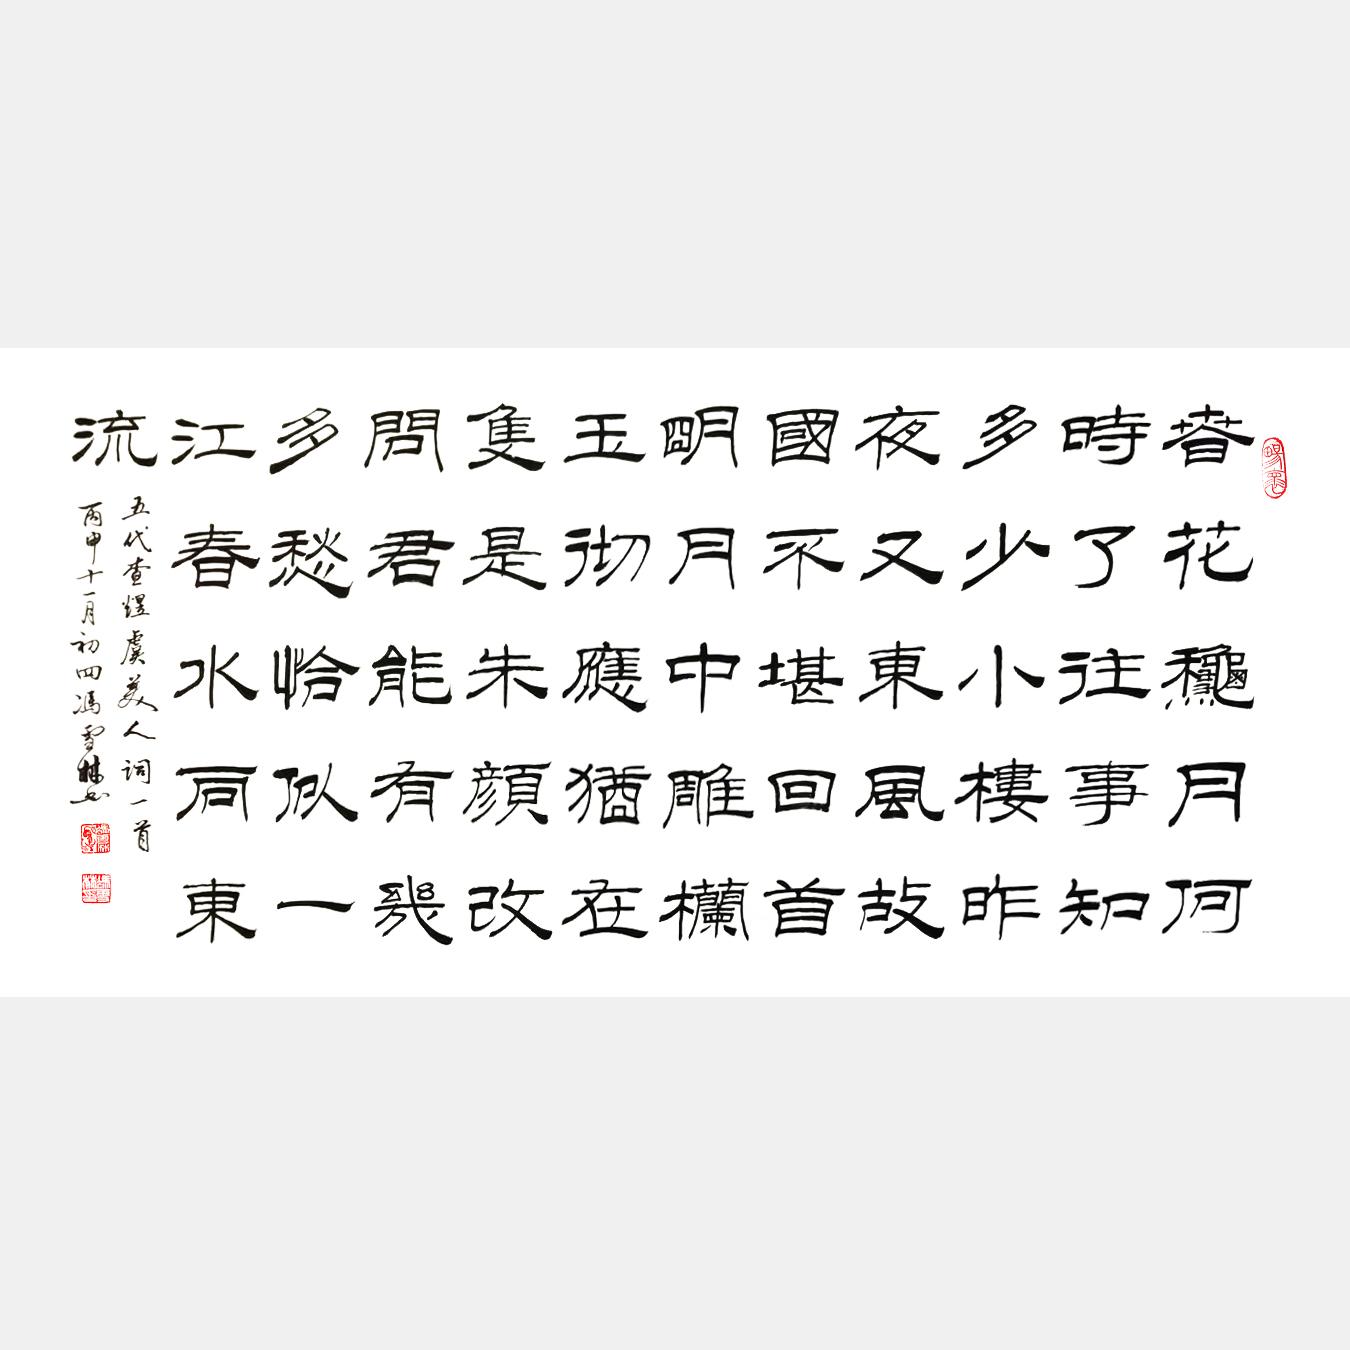 李煜《虞美人・春花秋月何时了》书法作品